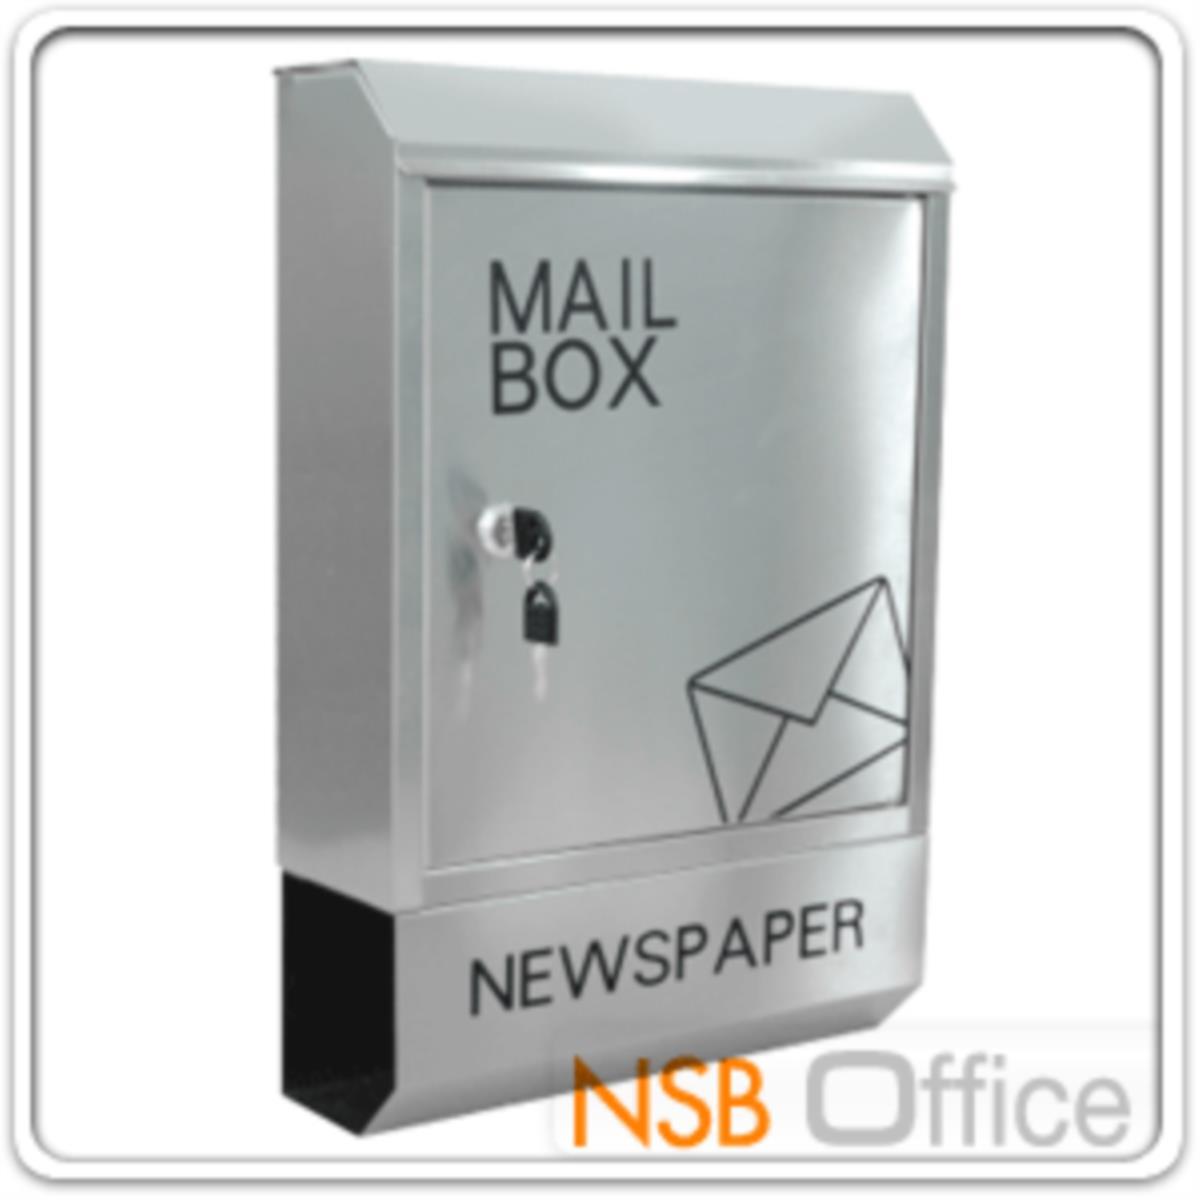 ตู้จดหมายเหล็ก รุ่น MAIL BOX-053 มีกุญแจล็อคหน้าตู้